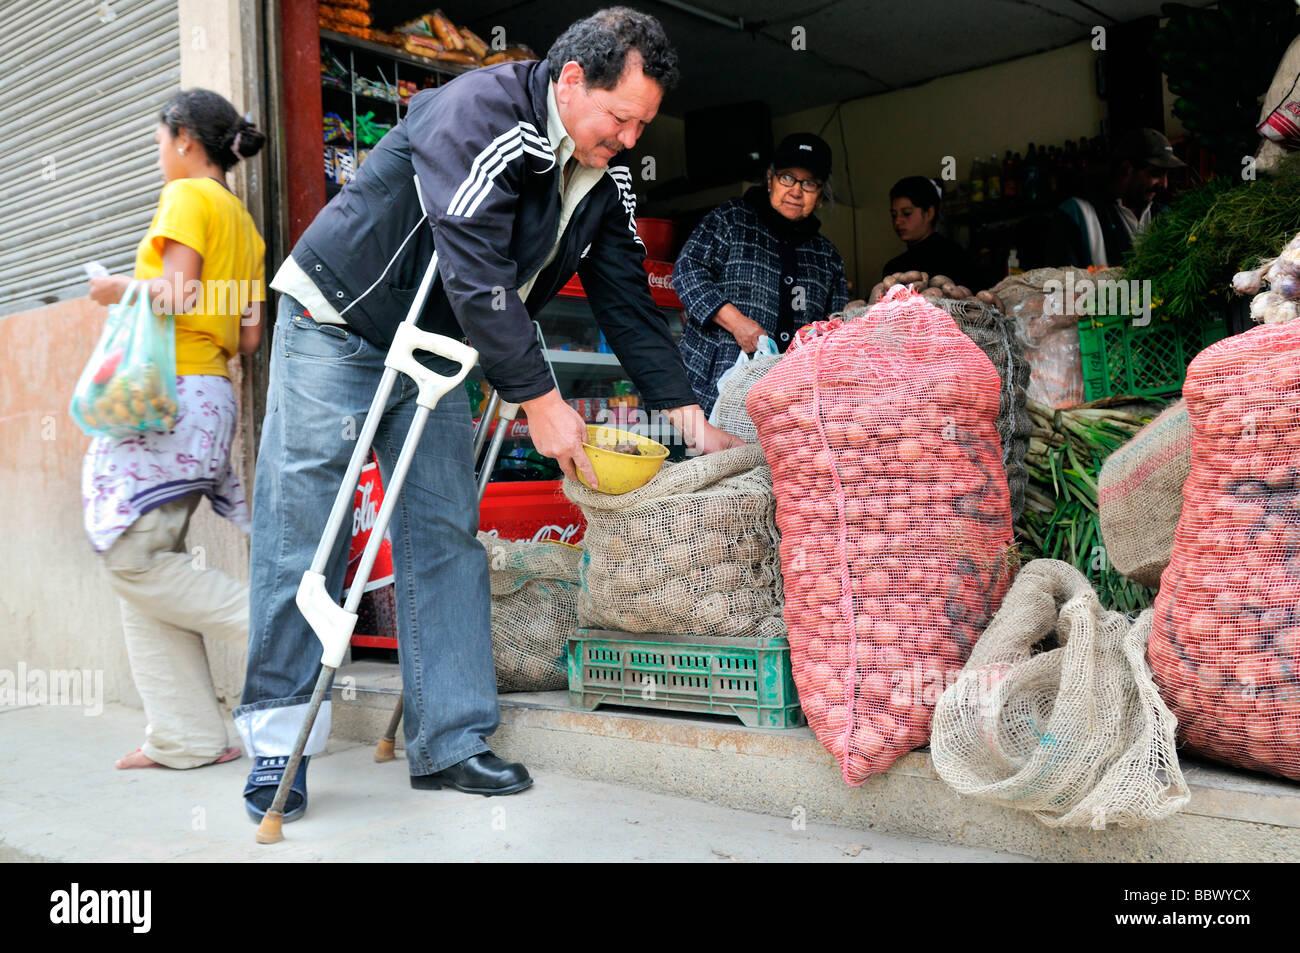 Leprapatienten mit Krücken Einkaufen in einem Supermarkt, Bogota, Kolumbien, Südamerika Stockbild